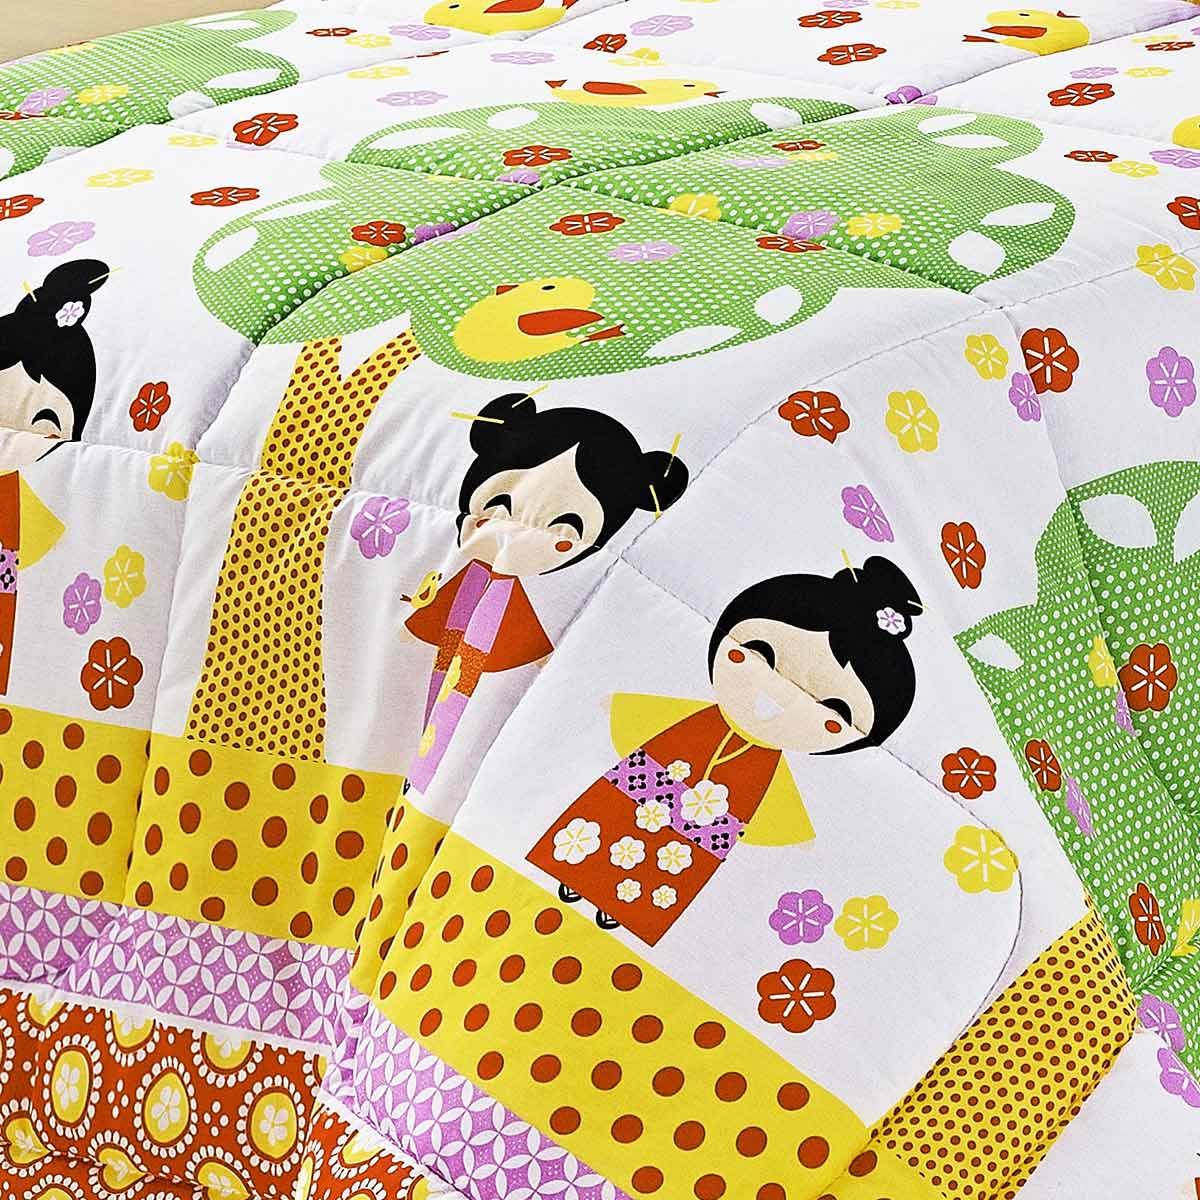 Kit Edredom (Edredom + Jogo de Lençol) Solteiro Kokeshi Japonesa Colorido Estampado com 5 peças